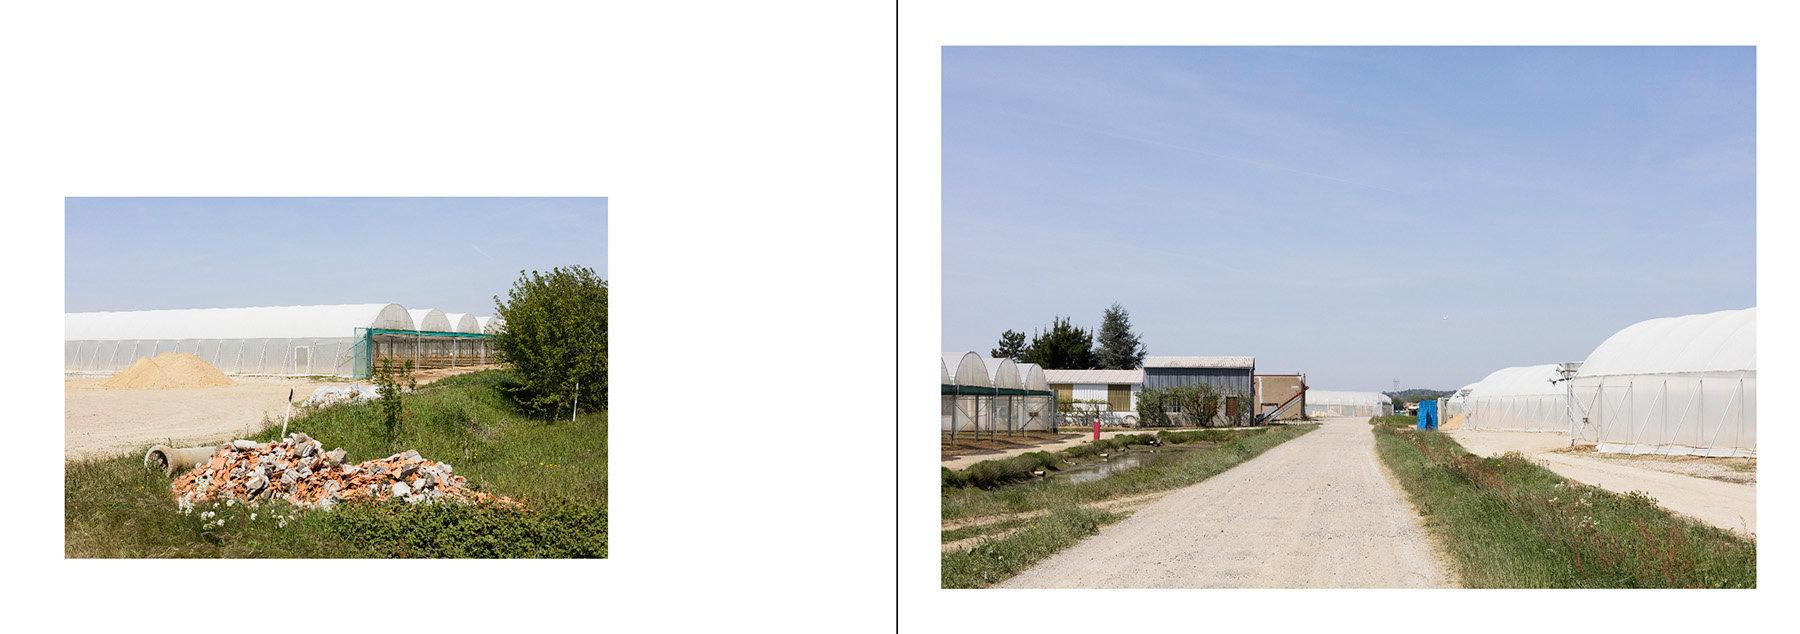 Le Loraux-Bottereau_Mauves-sur-Loire-page020 copie.jpg